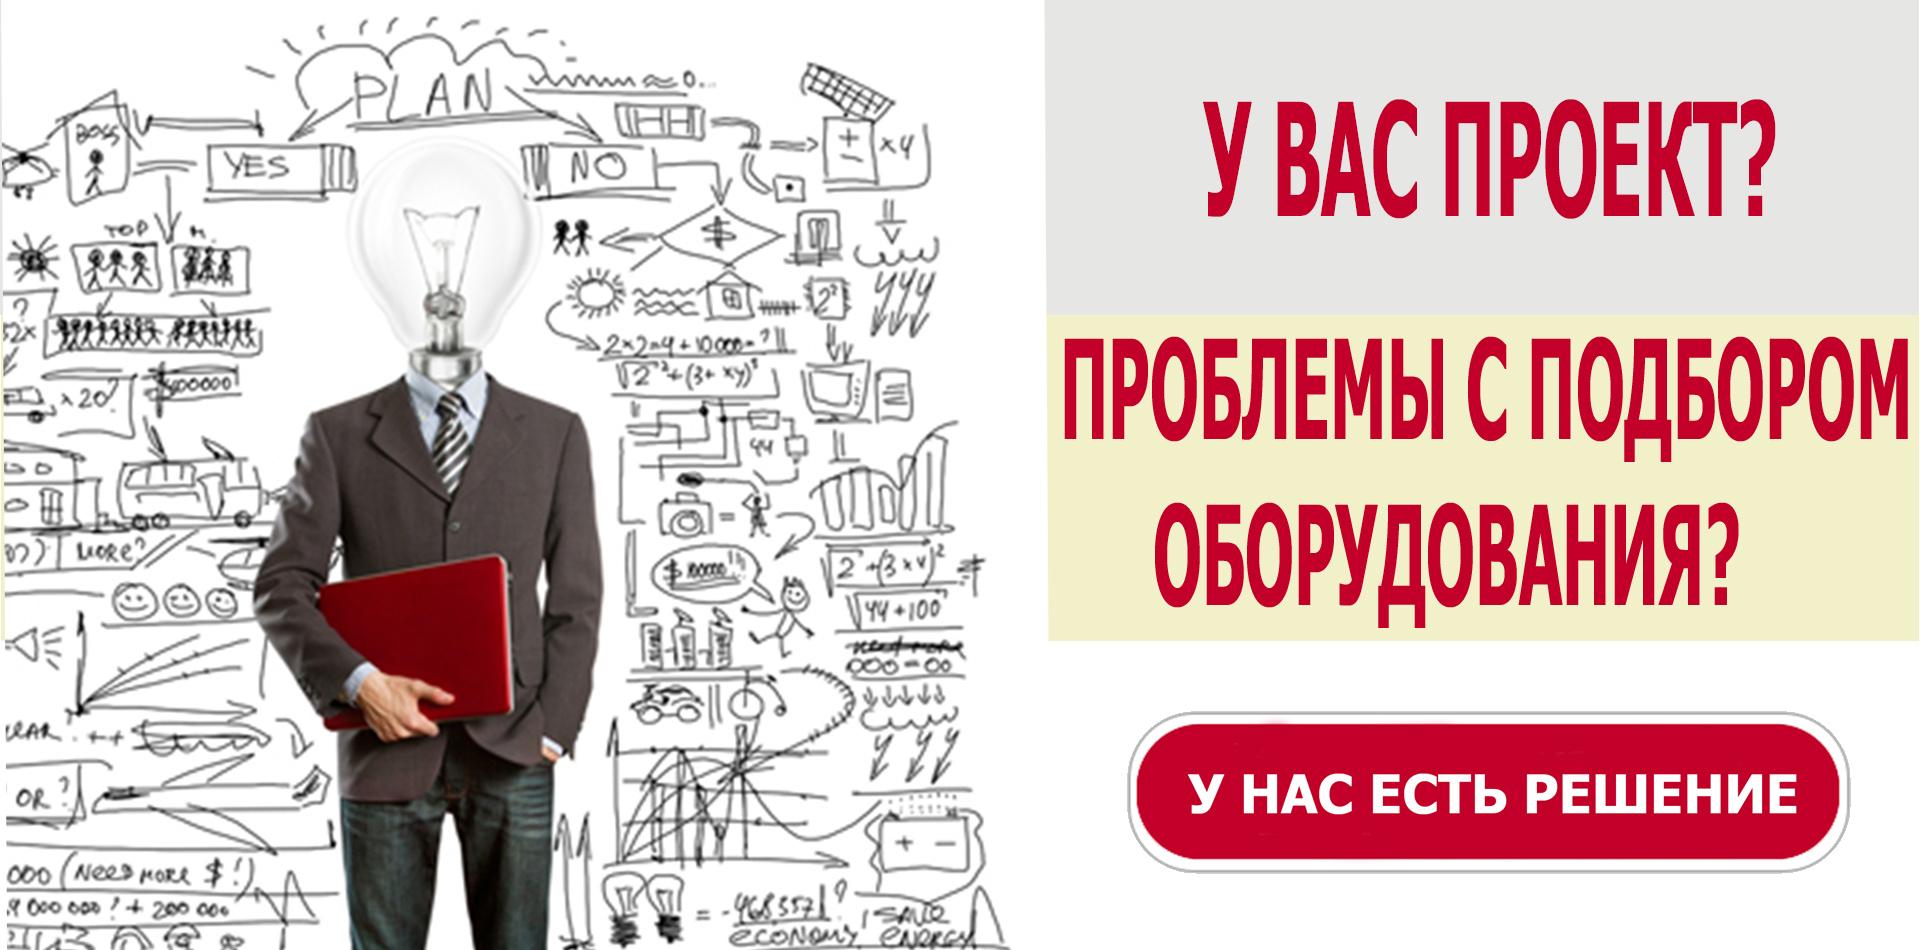 ПОДБОР ОБОРУДОВАНИЯ В АСТАНЕ!